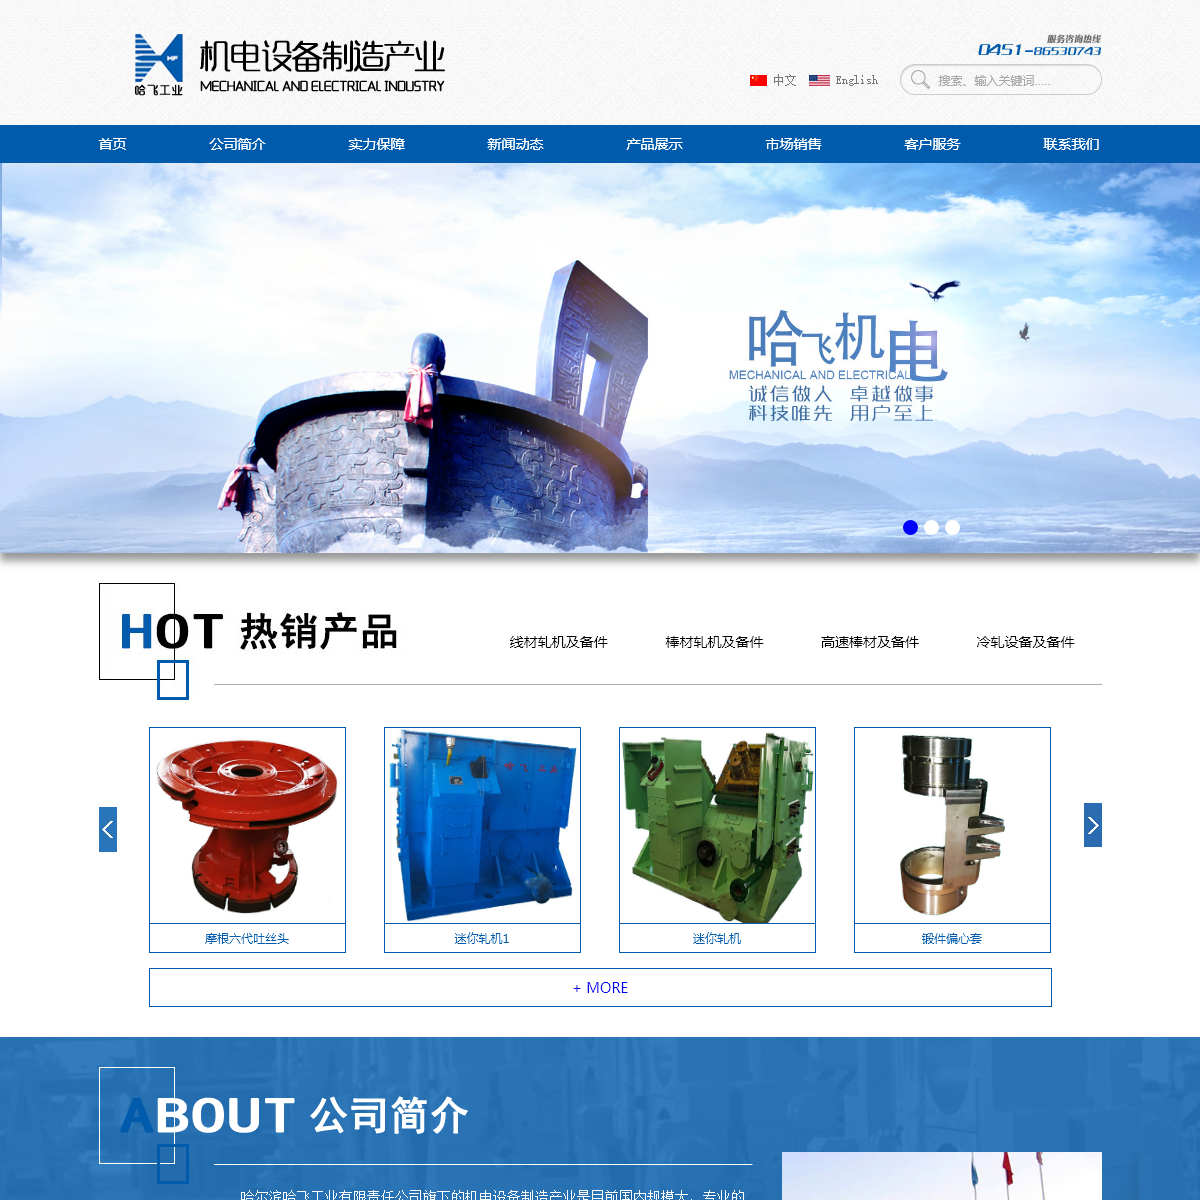 哈尔滨哈飞工业有限责任公司 - 哈尔滨哈飞工业有限责任公司